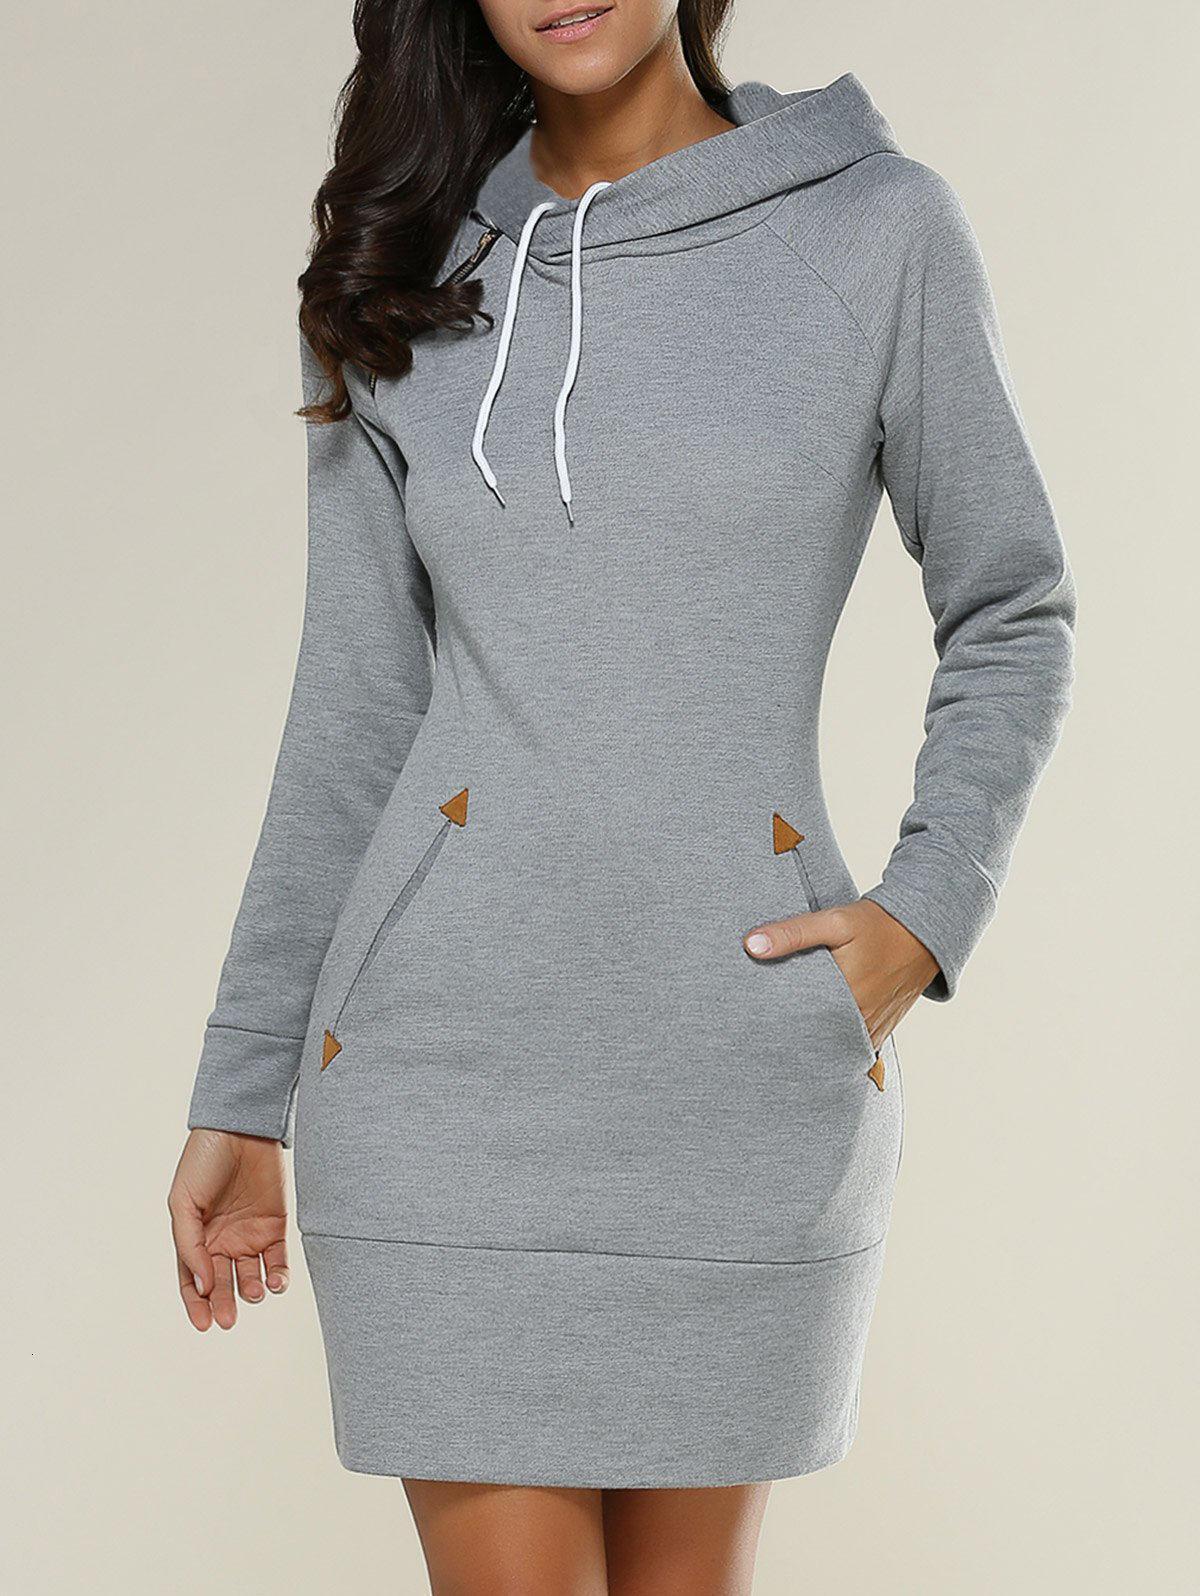 Fashion Donne con cappuccio Felpe con cappuccio maniche lunghe abito con cappuccio coreano Plus Size XL autunno autunno slim pullover femminile